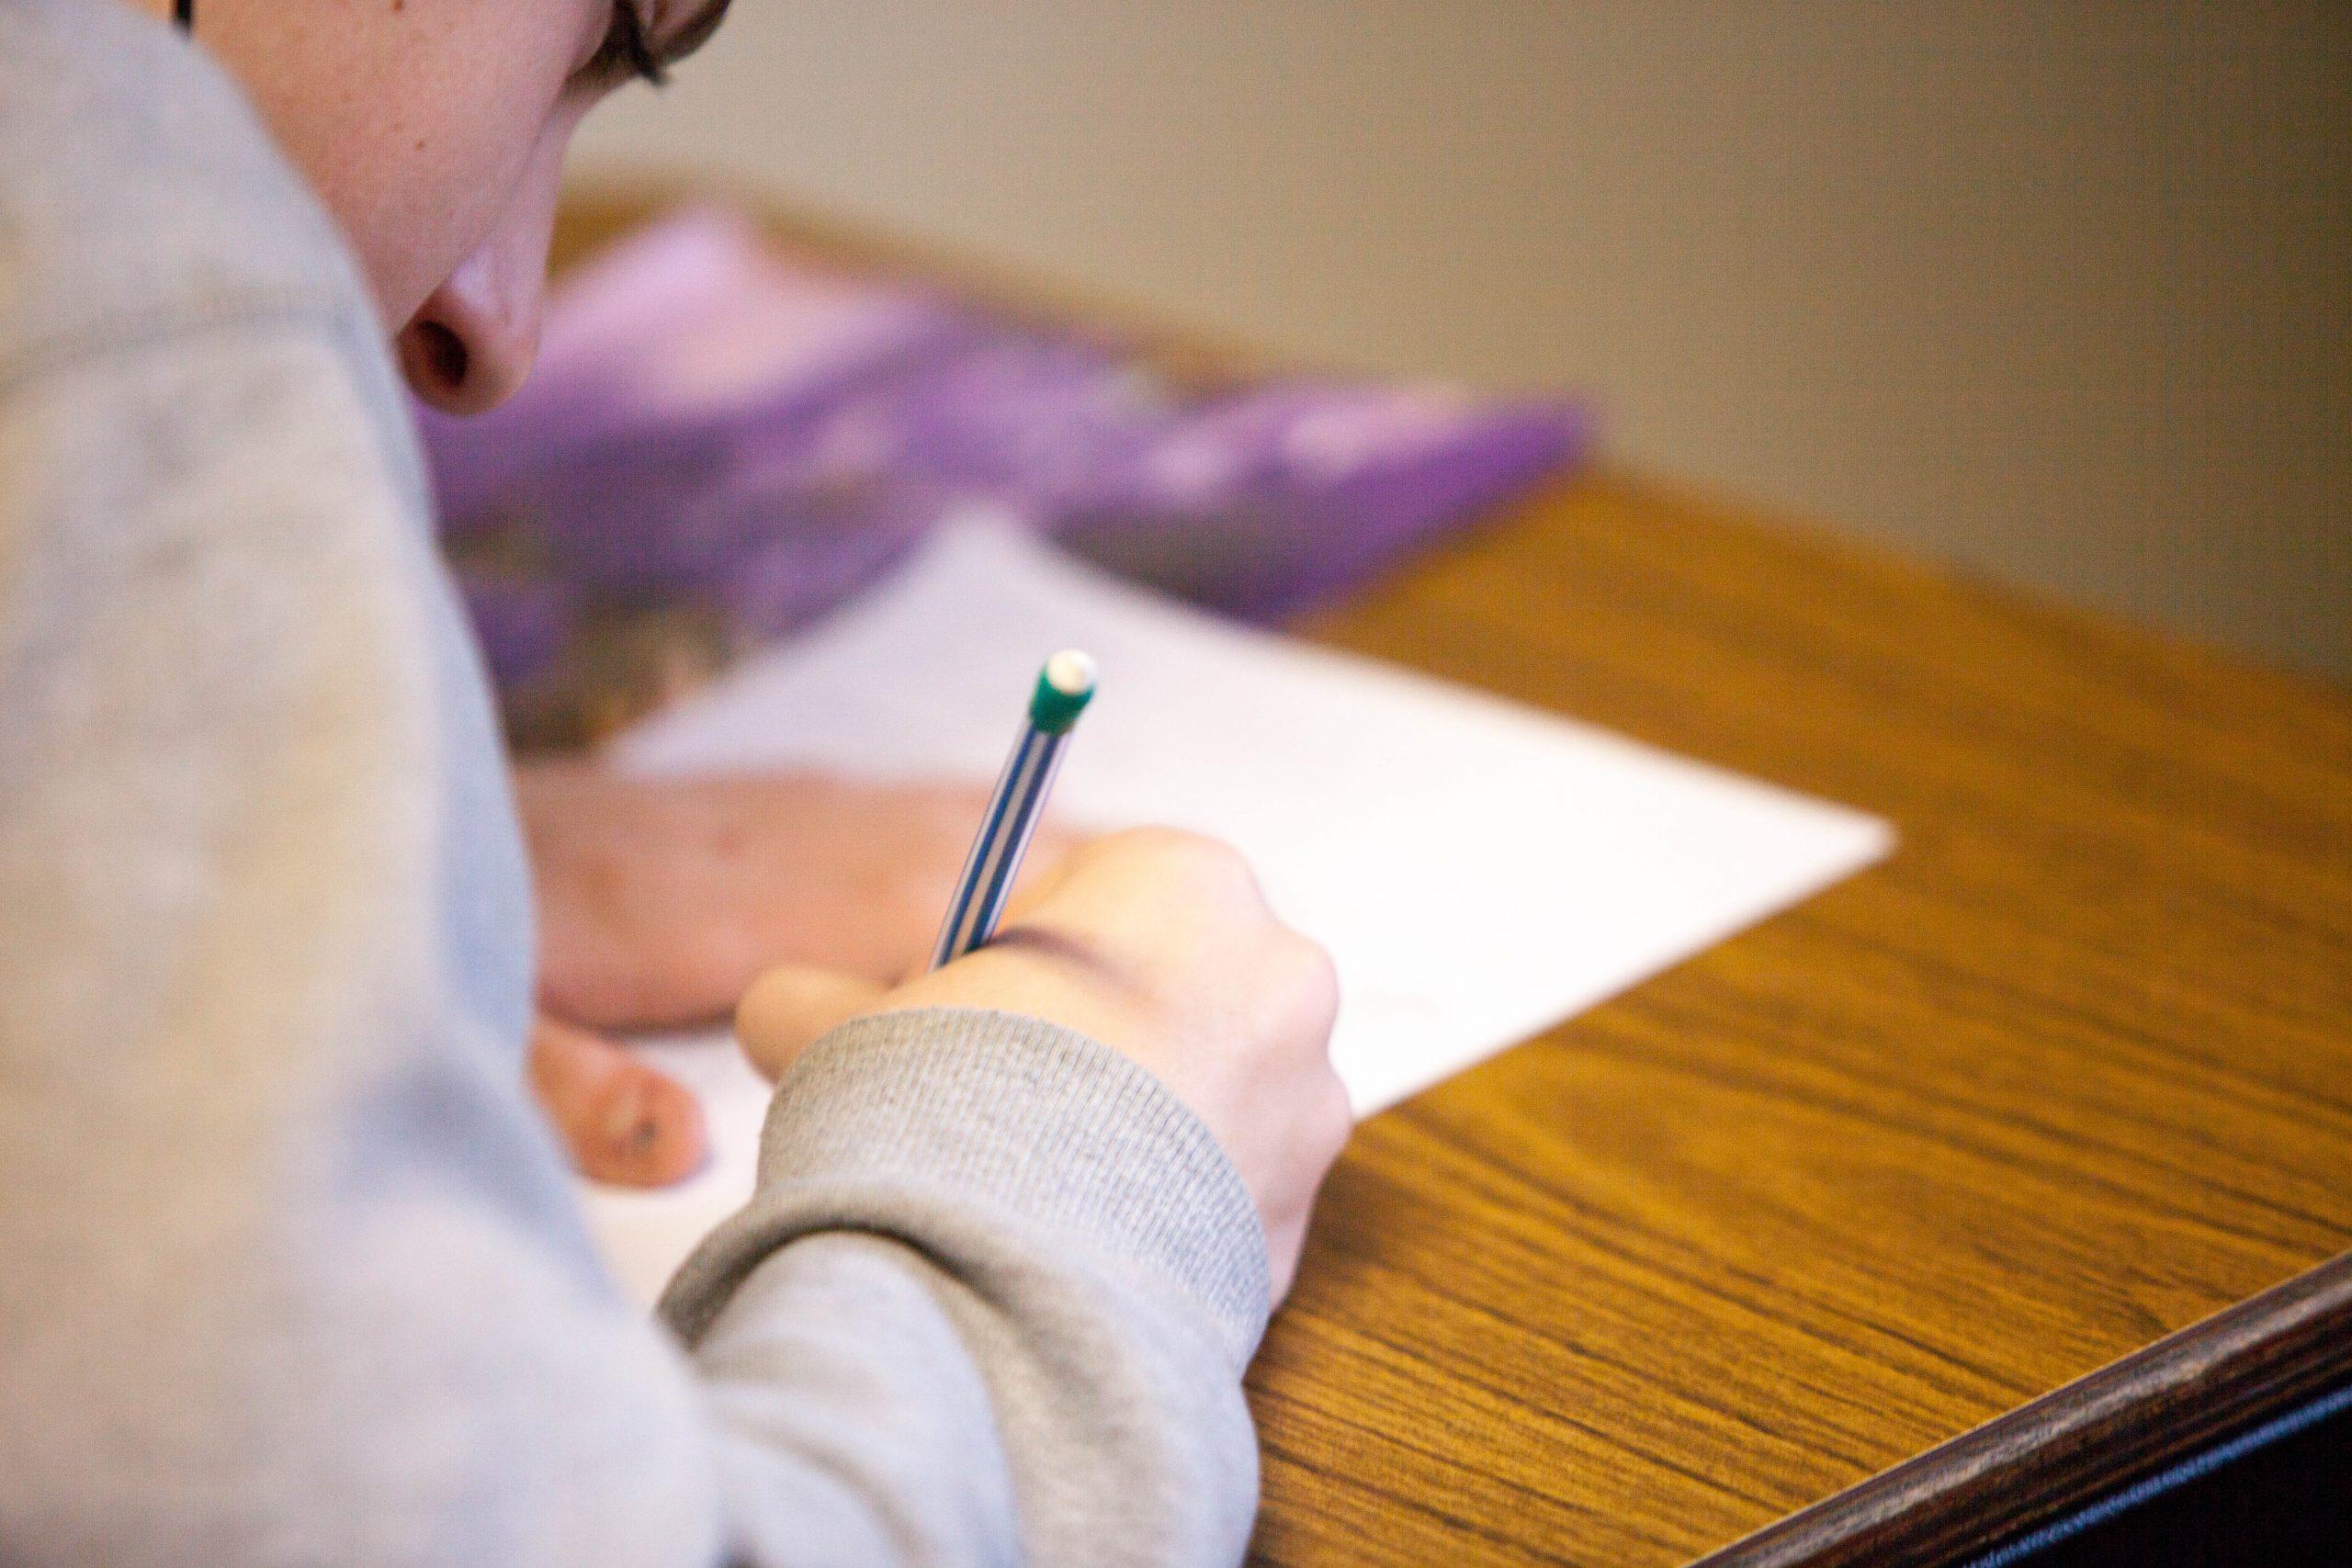 """Lancement de l'opération """"Plaisir d'apprendre"""" cet été pour lutter contre le décrochage scolaire"""